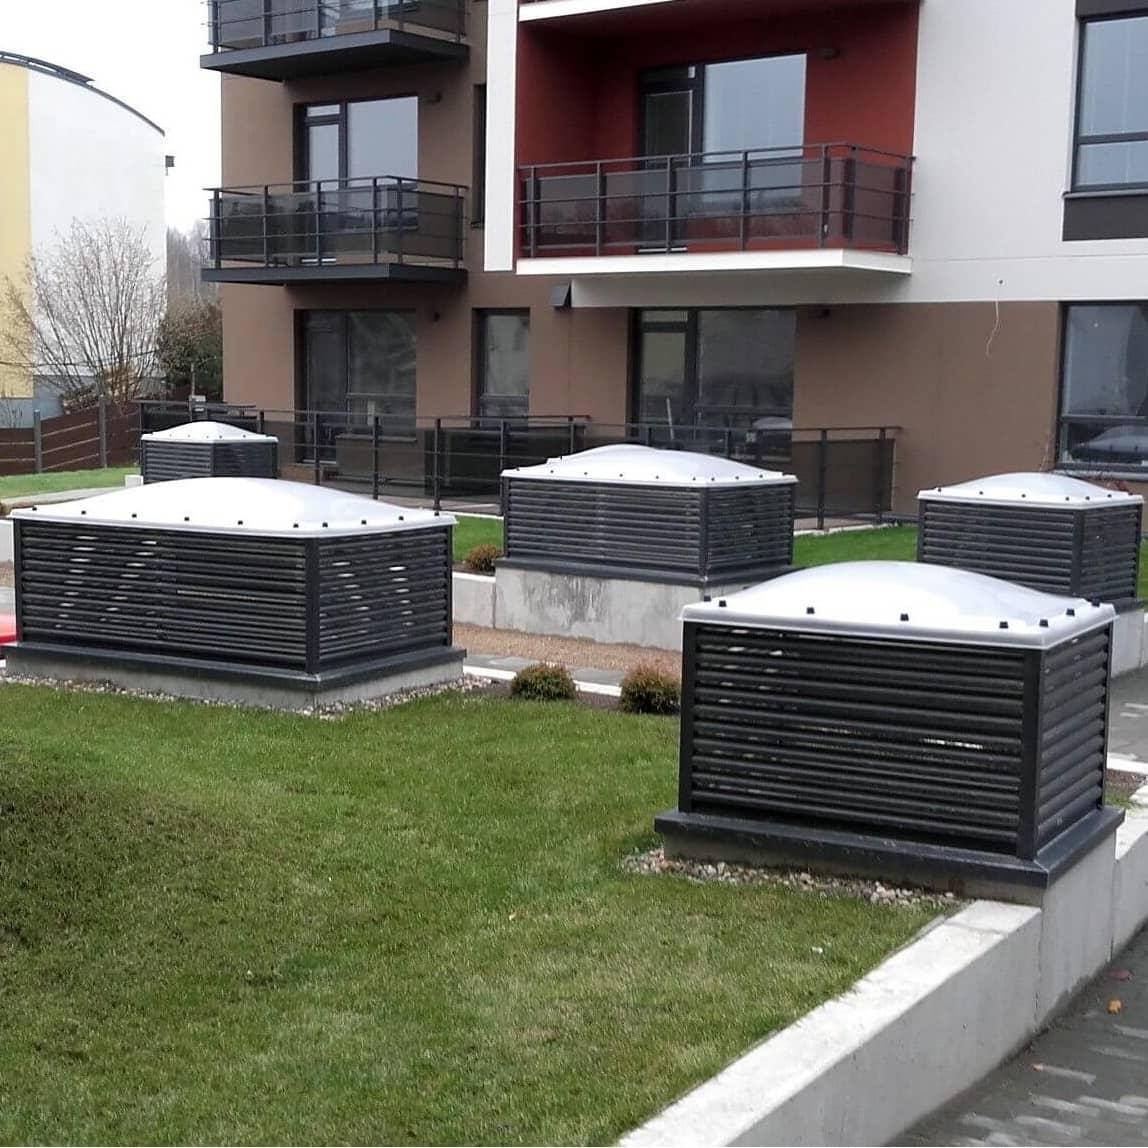 Domino - požeminio parkingo ventiliacinės šachtos  cover